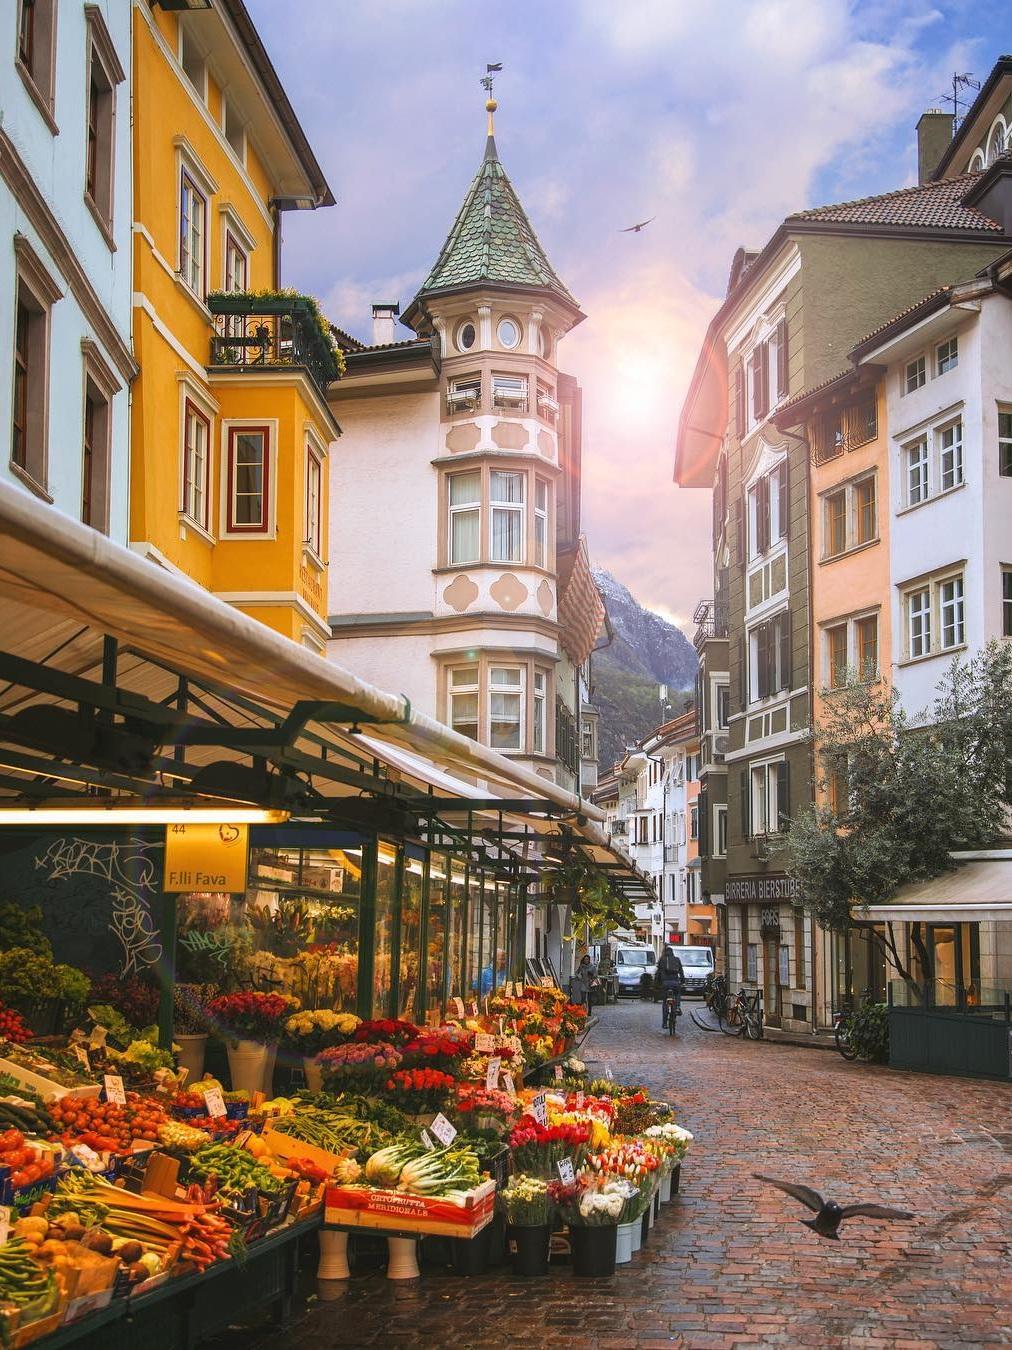 Thunish_website_experiences_city_Bolzano.jpg